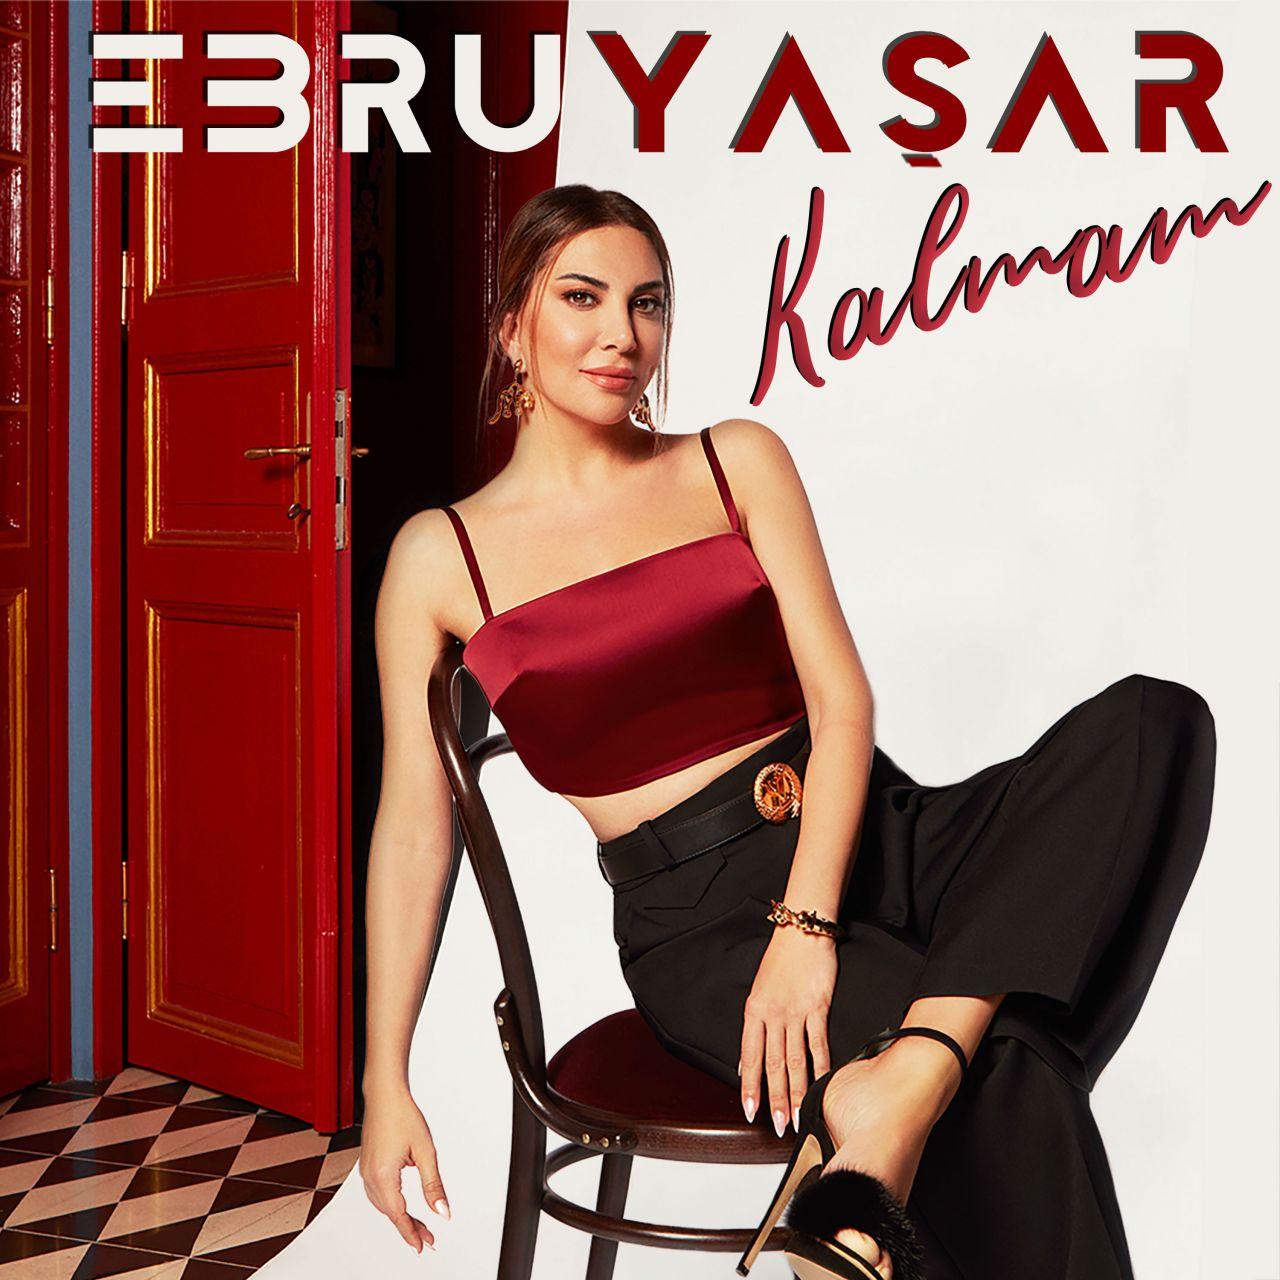 Merakla beklenen şarkı piyasada! Ebru Yaşar'dan yeni single: Kalmam - Sayfa:2